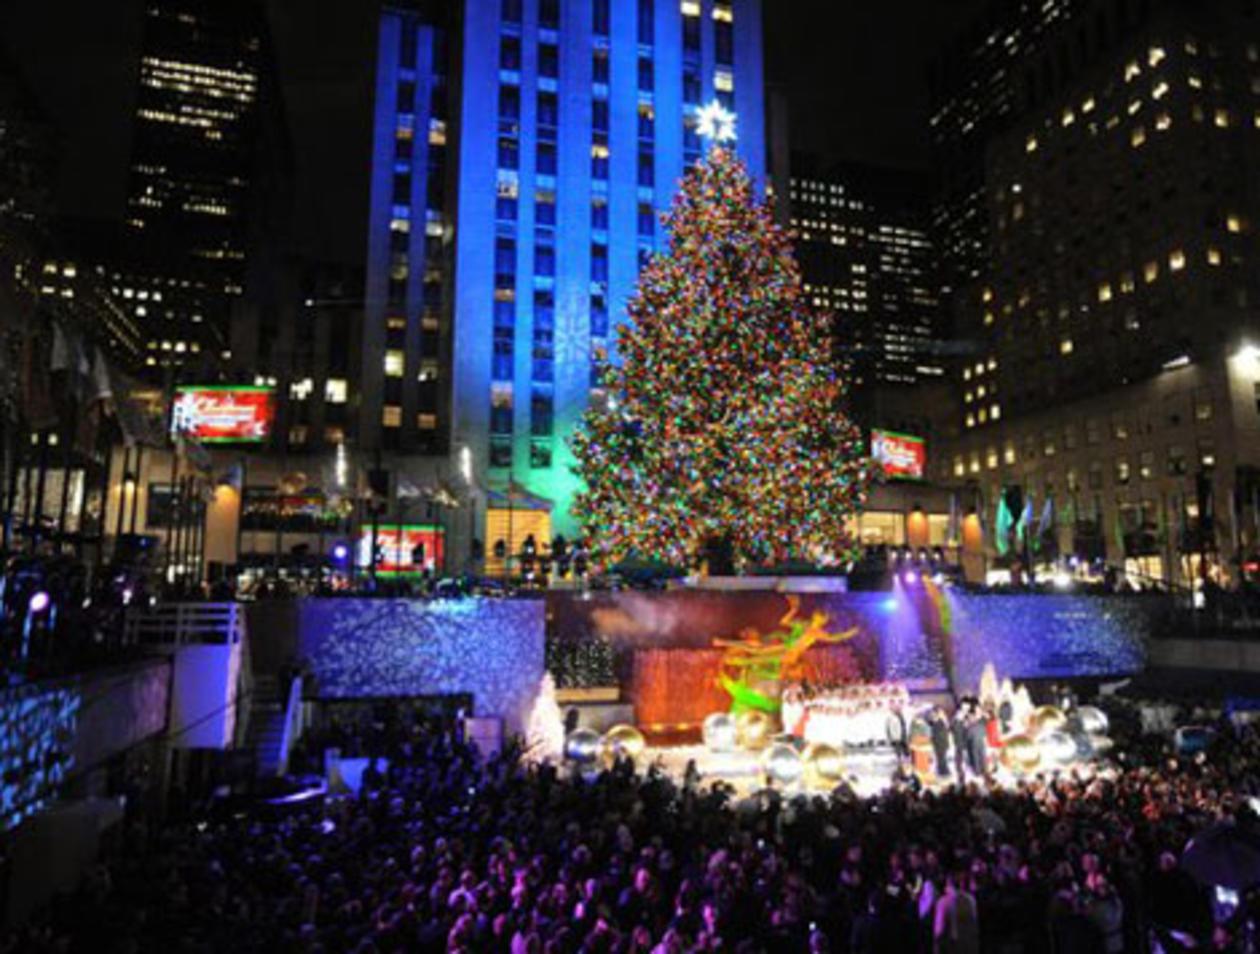 Wo Steht In New York Der Weihnachtsbaum.Weihnachtsbaum Am New Yorker Rockefeller Center Leuchtet Reise